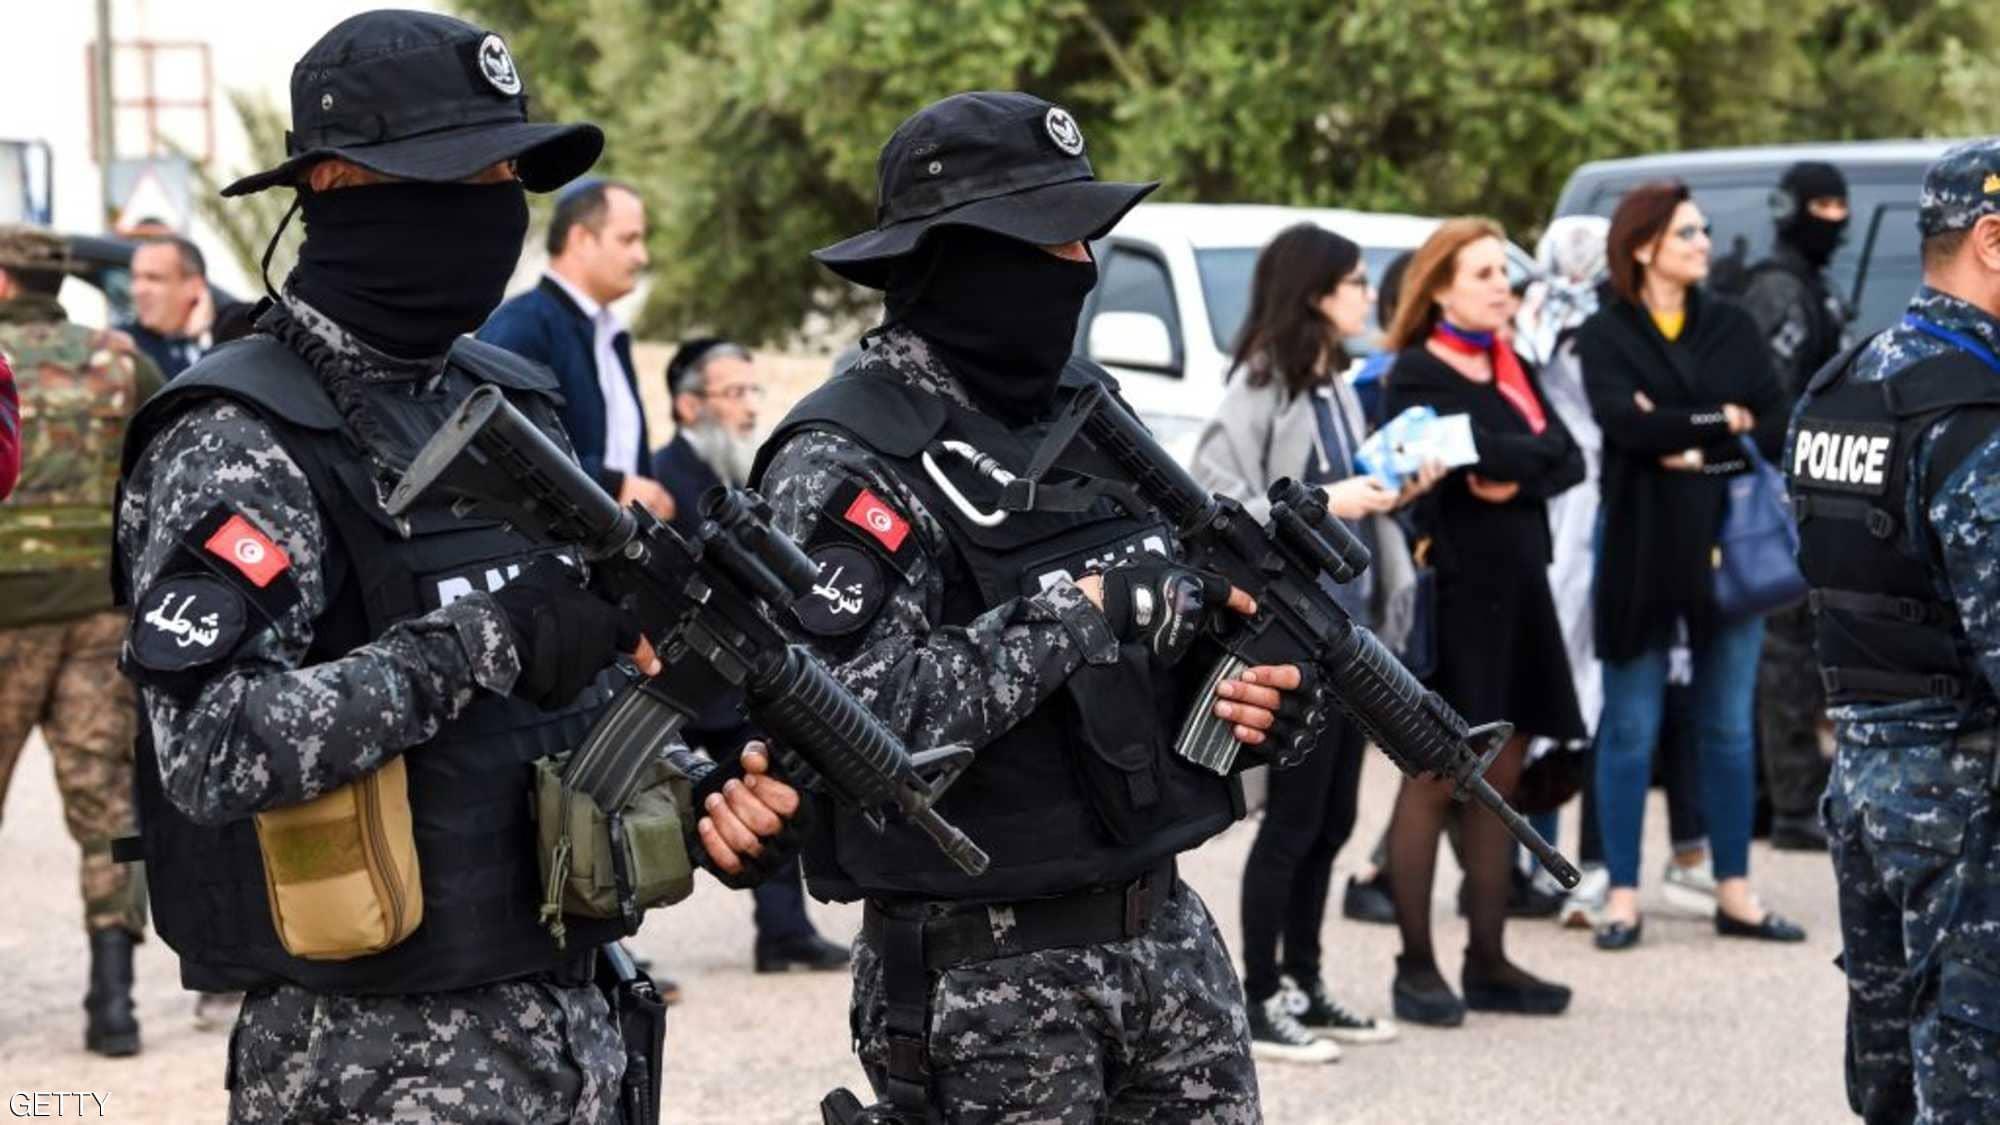 تونس: مقتل سائح فرنسي وإصابة عسكري في عملية طعن